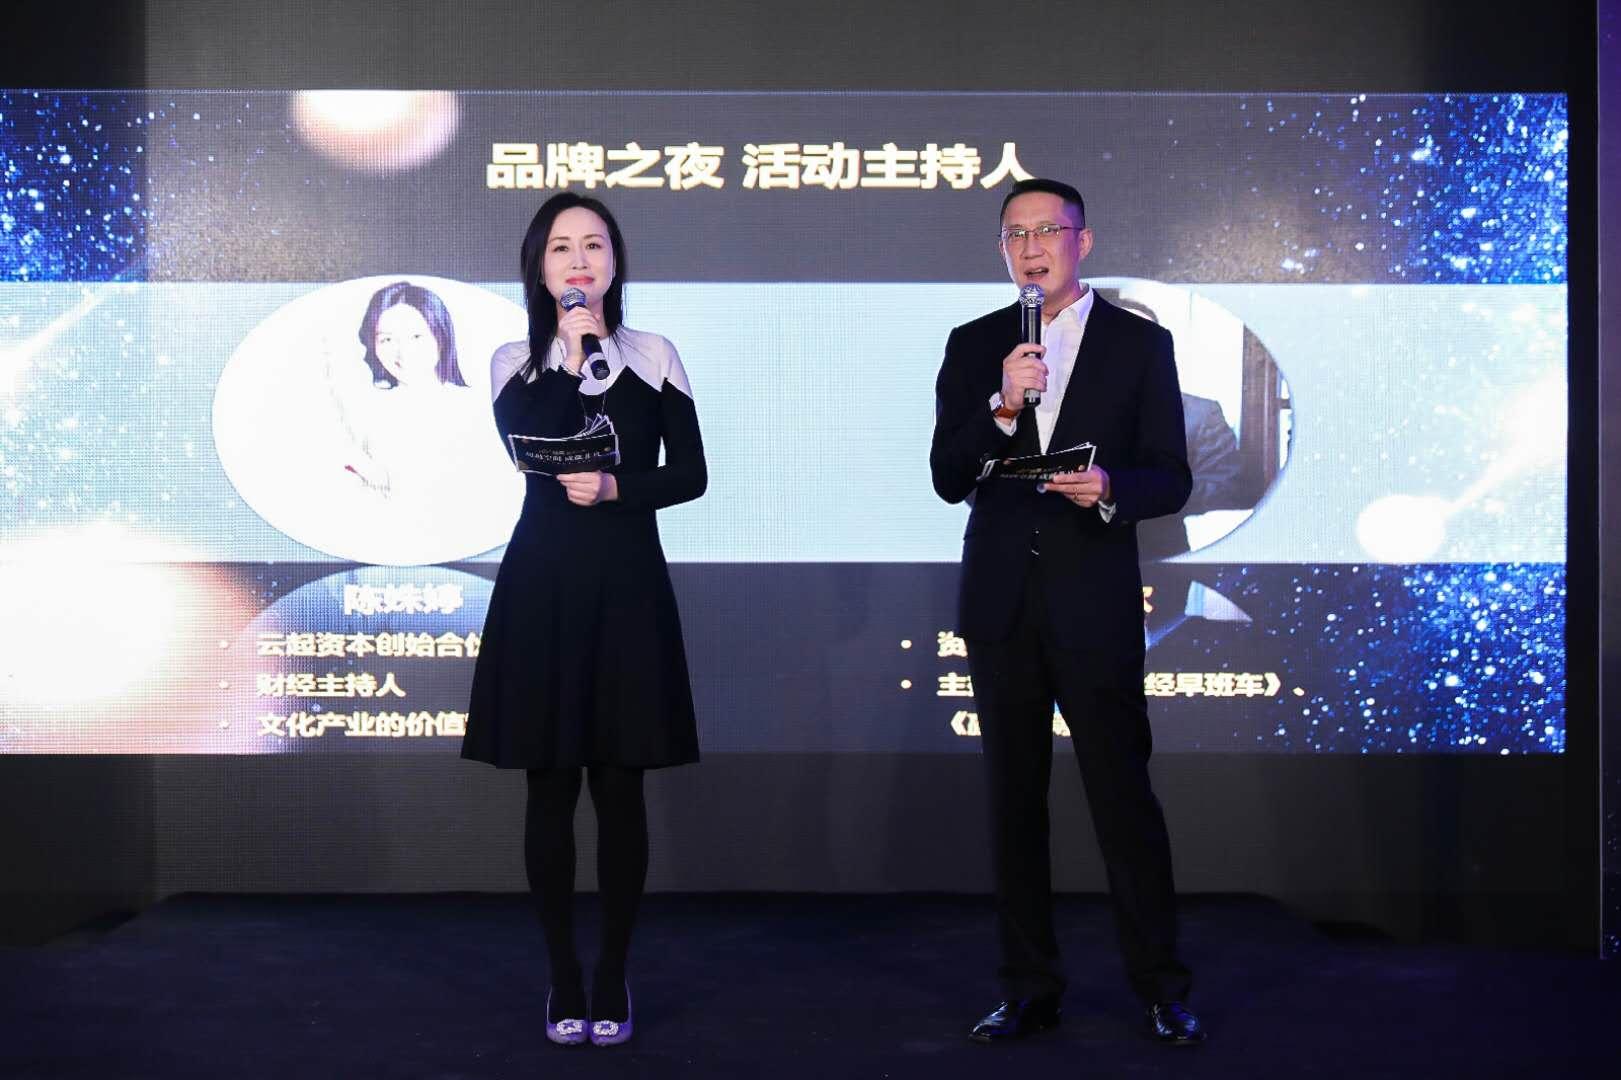 活动由著名财经主持人陈姝婷及上海电视台第一财经频道资深主持人李欣